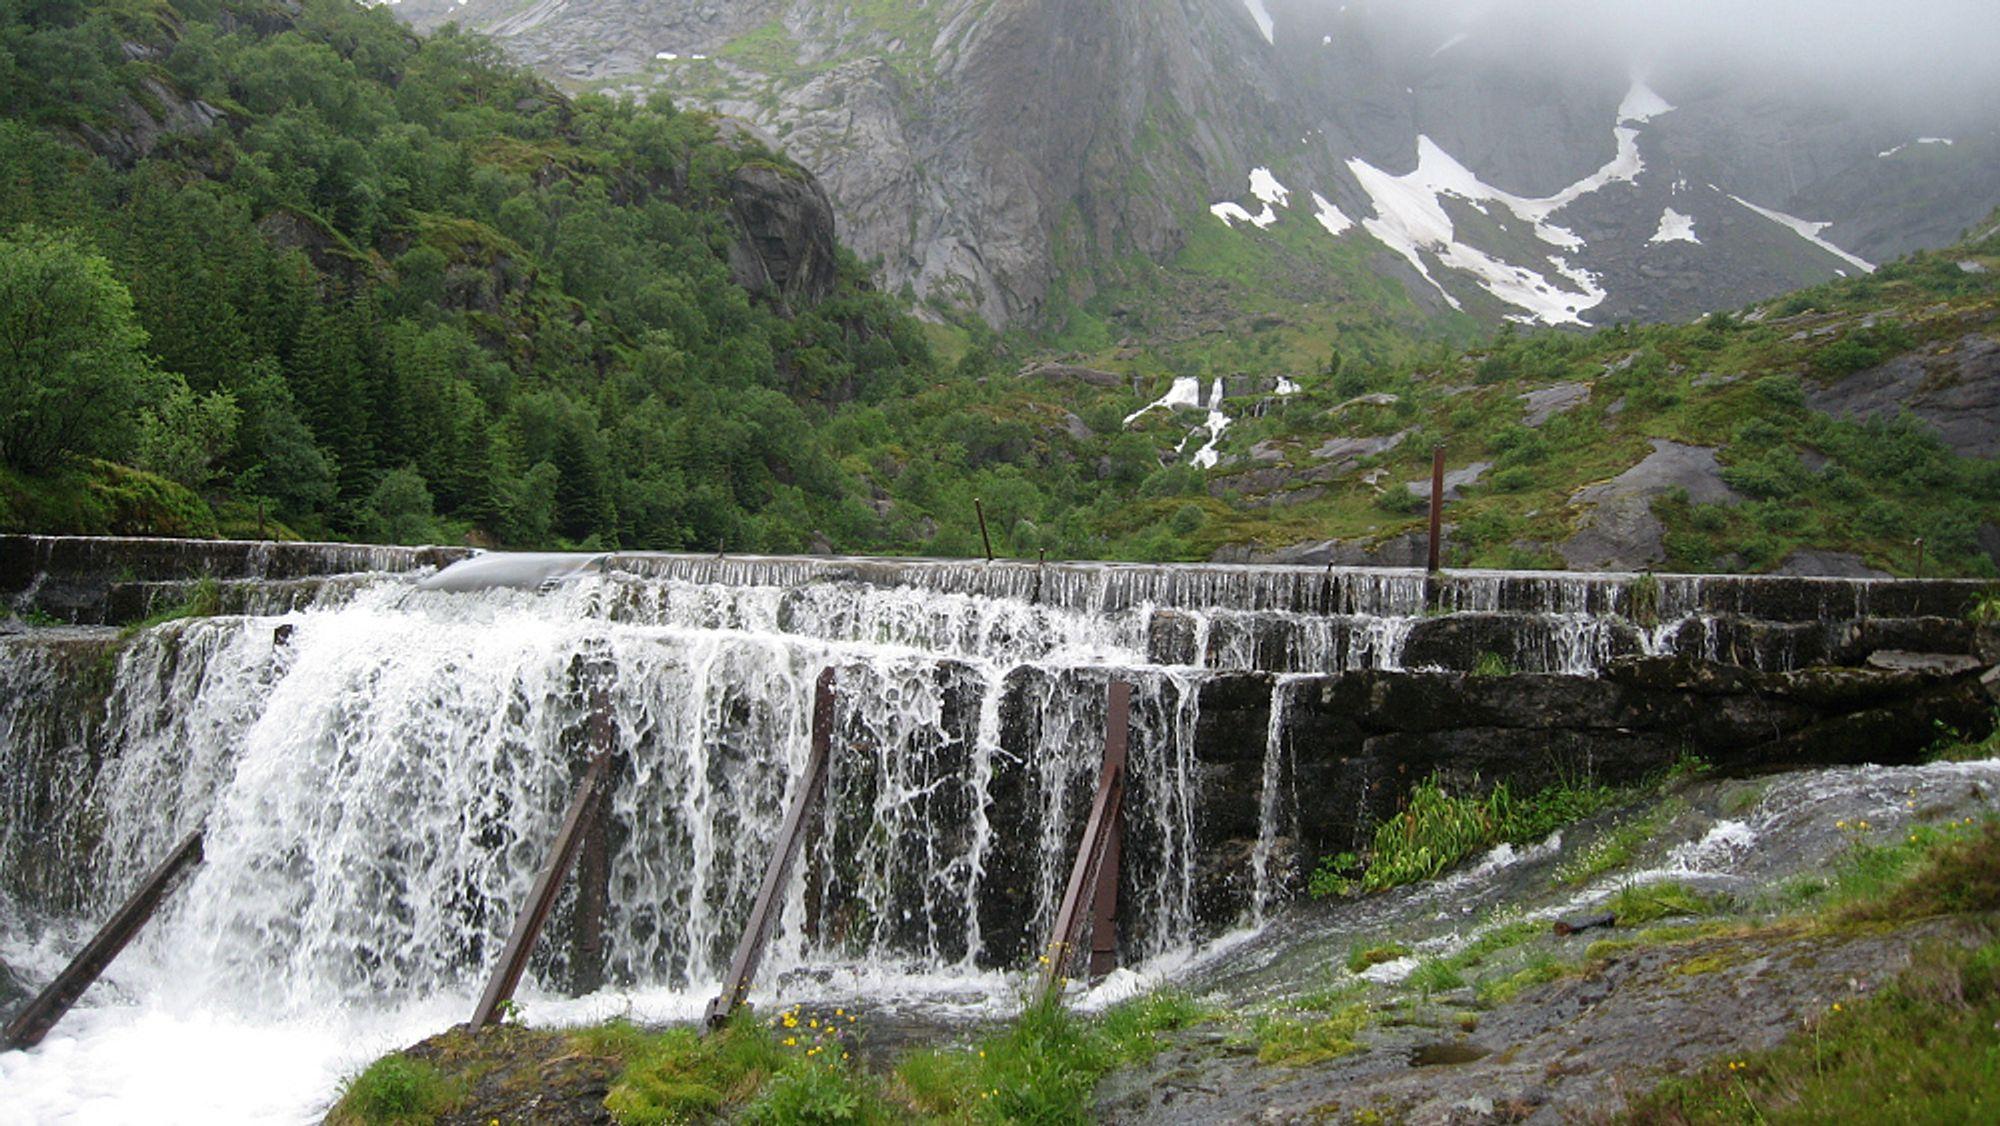 Ved å ruste opp norske vannkraftverk, kunne man fått 3-6 TWh mer energi, ifølge NVE. Hvorvidt dette blir gjennomført handler om økonomi. Dammen på bildet er tilknyttet fiskeværet Nusfjord i Lofoten.